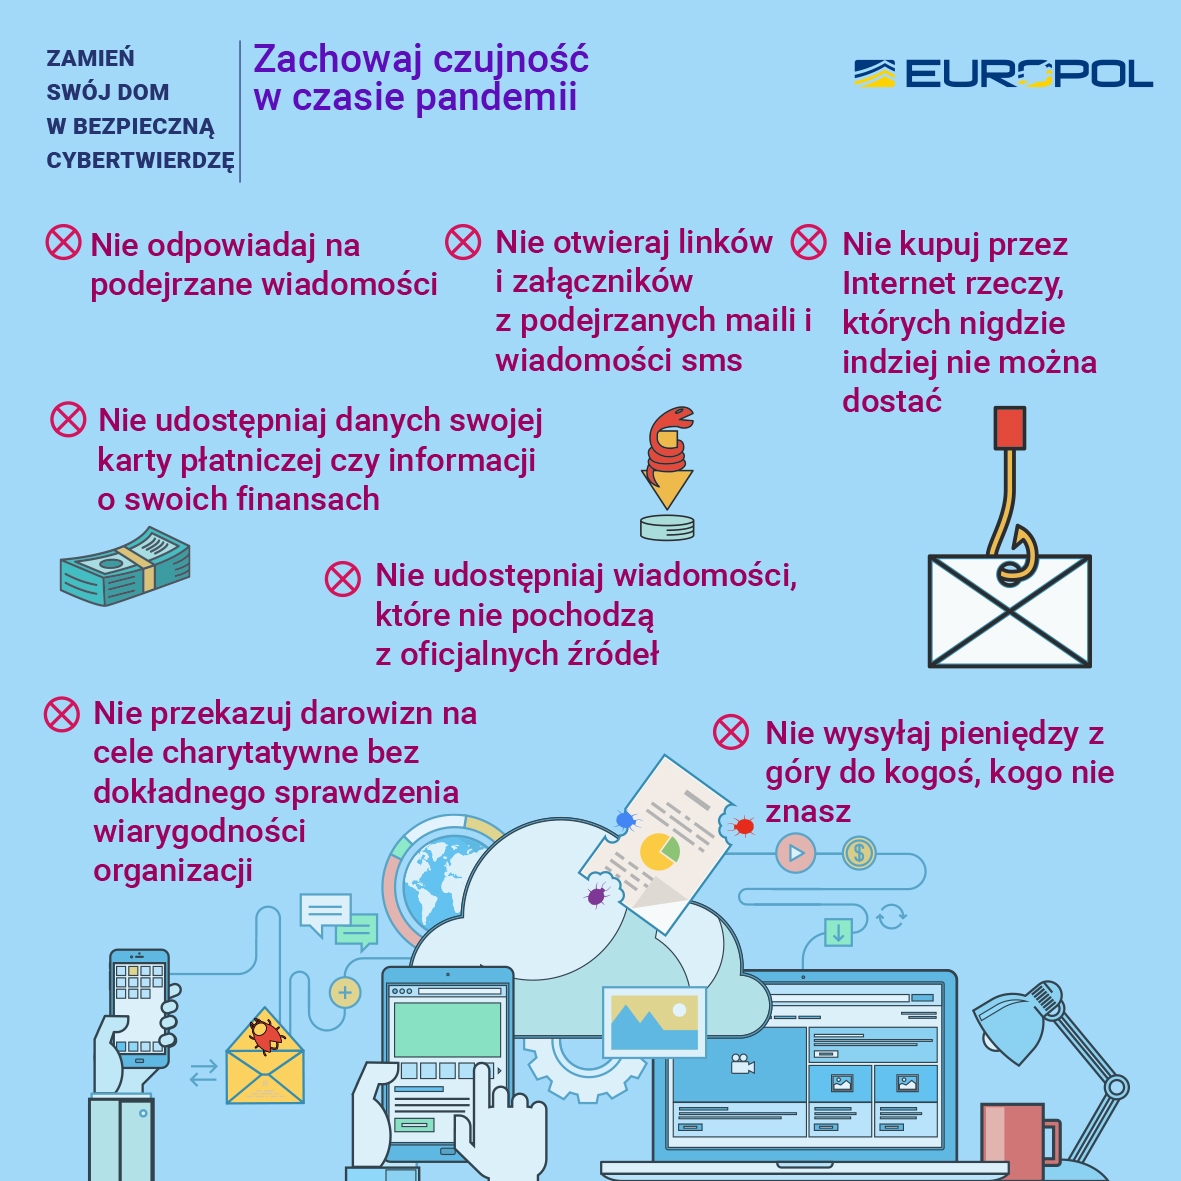 Bezpieczeństwo w domu - zachowaj czujność